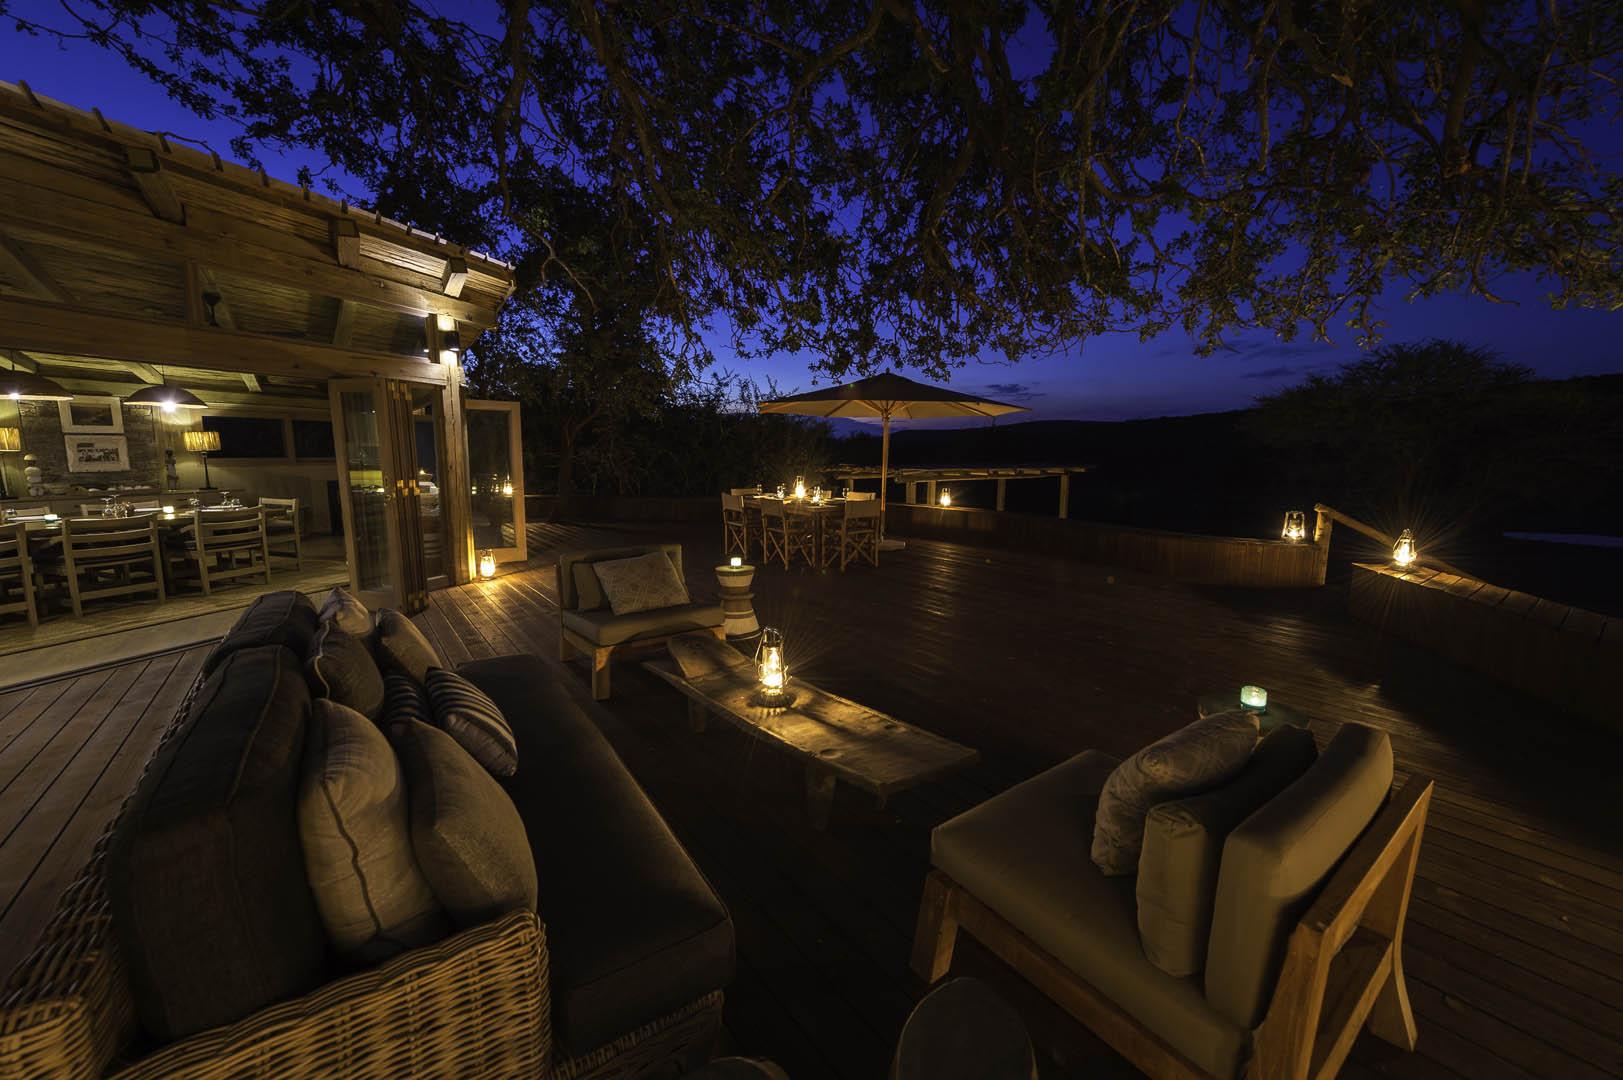 Tintswalo at Lapalala ist als eines der luxuriösestenZeltcamps bekannt